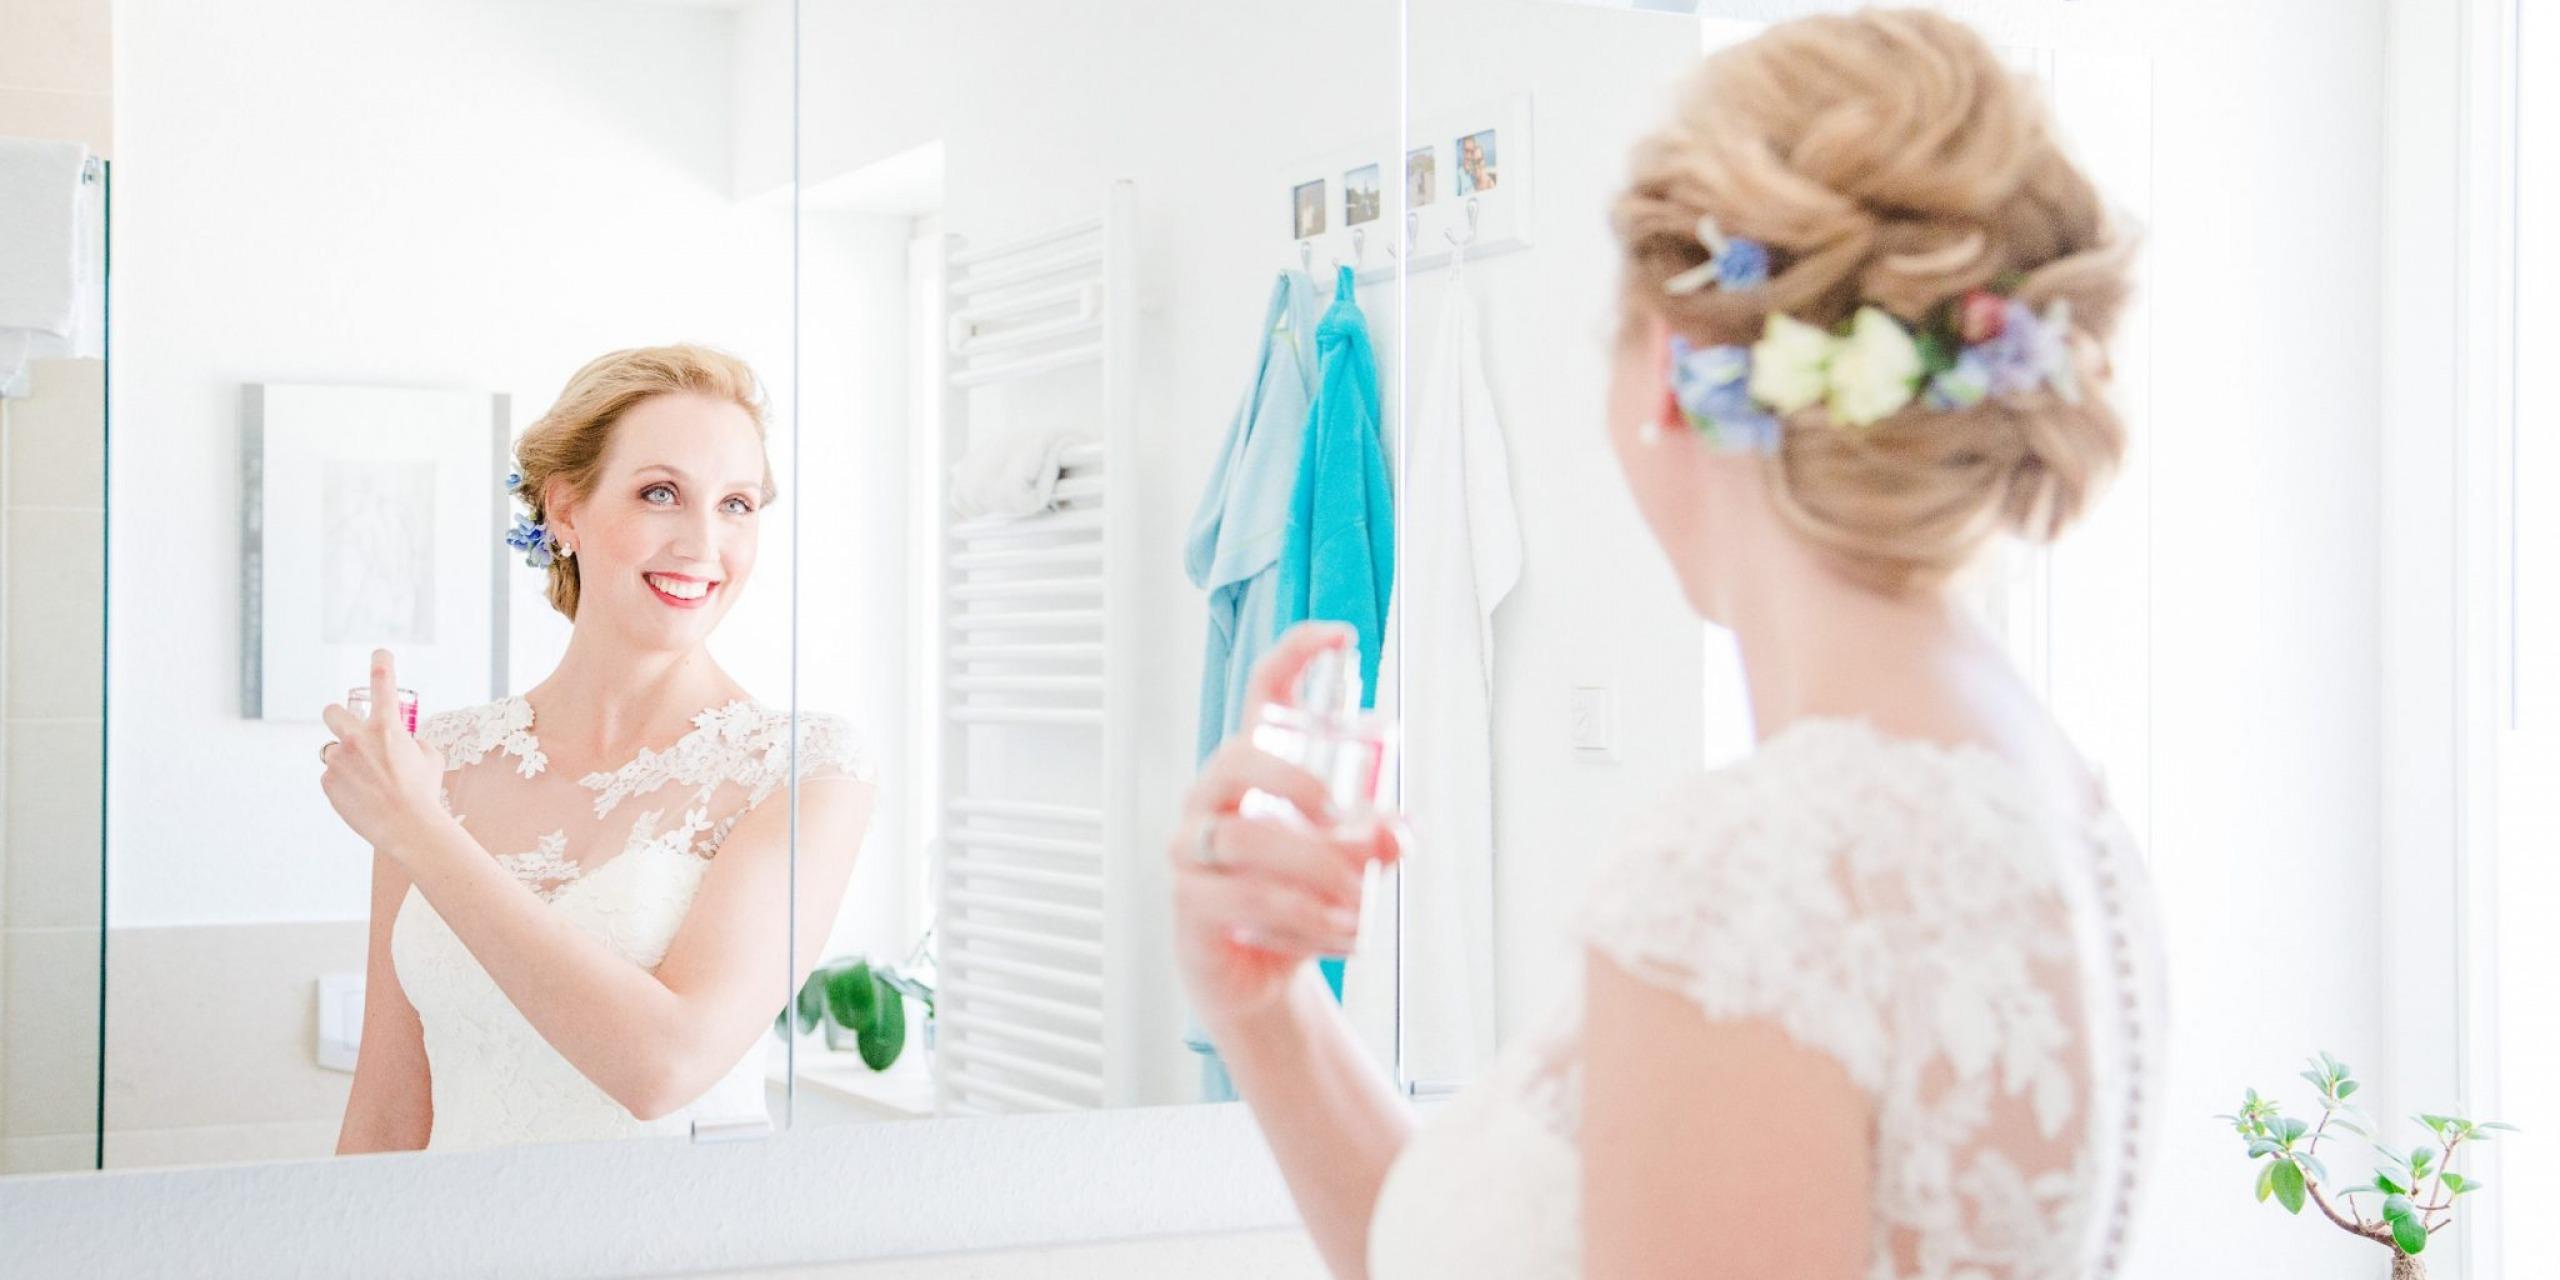 Hochzeit von Tine und Basti in Münster: Braut schaut sich im Spiegel an